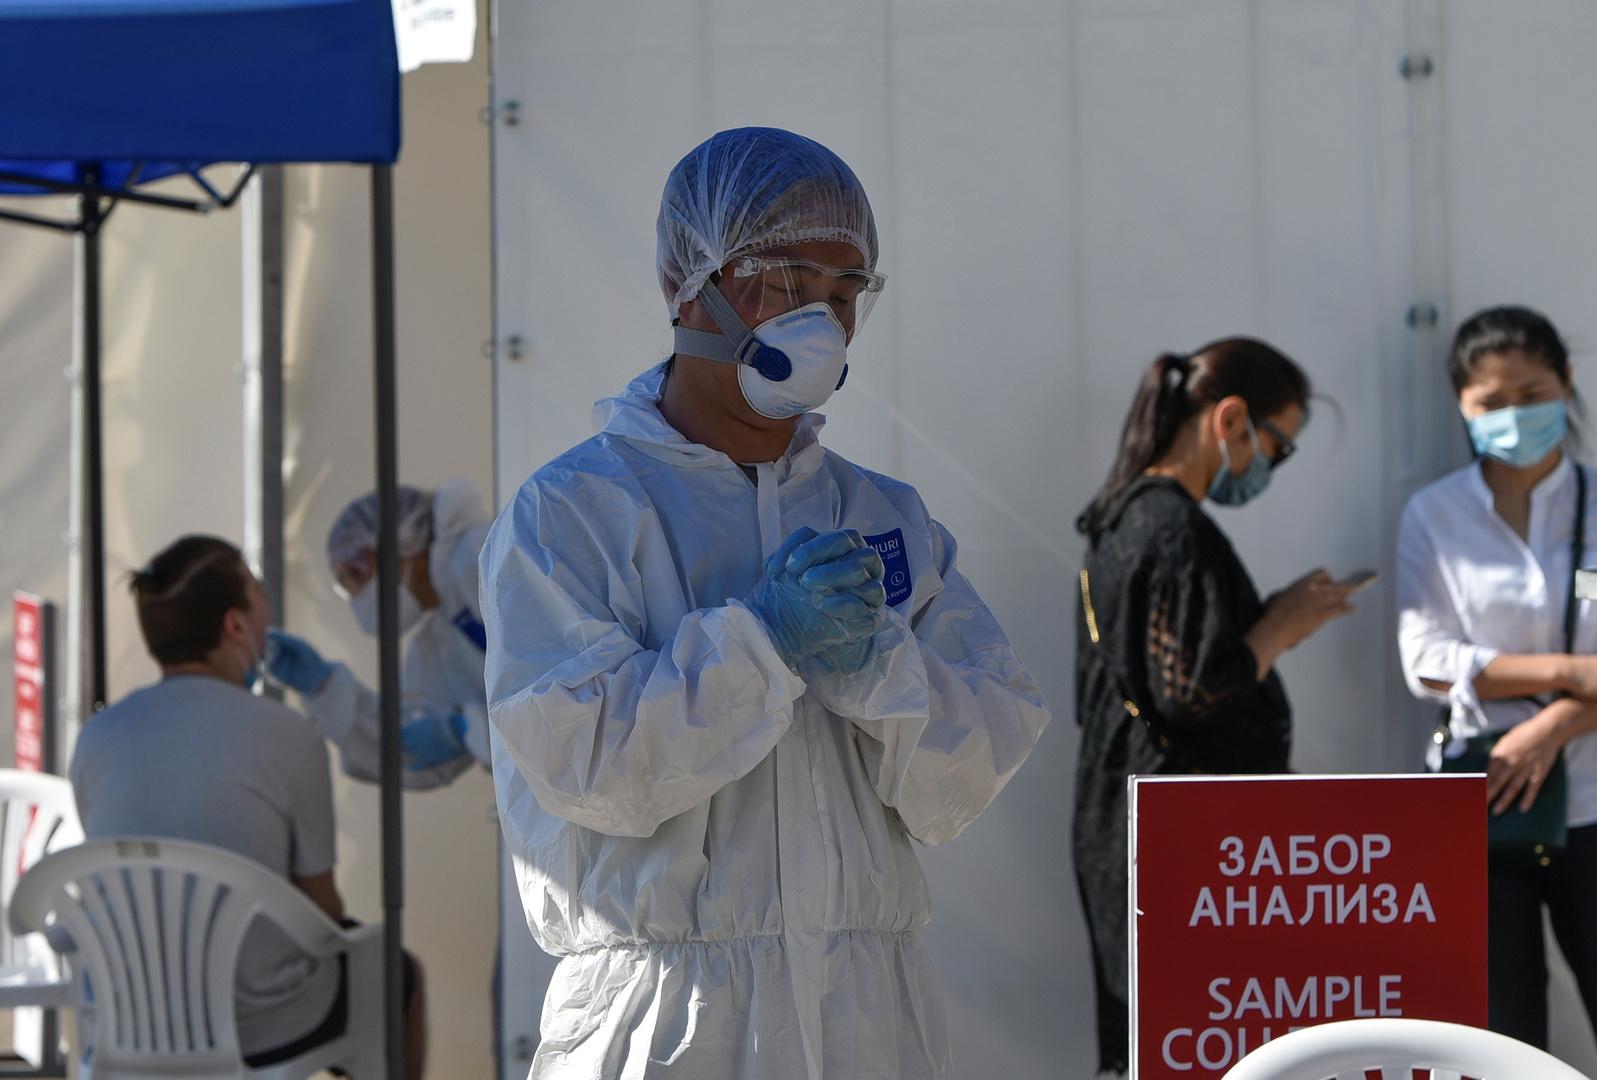 كازاخستان تسجل أعلى حصيلة إصابات يومية بكورونا منذ تفشي الجائحة